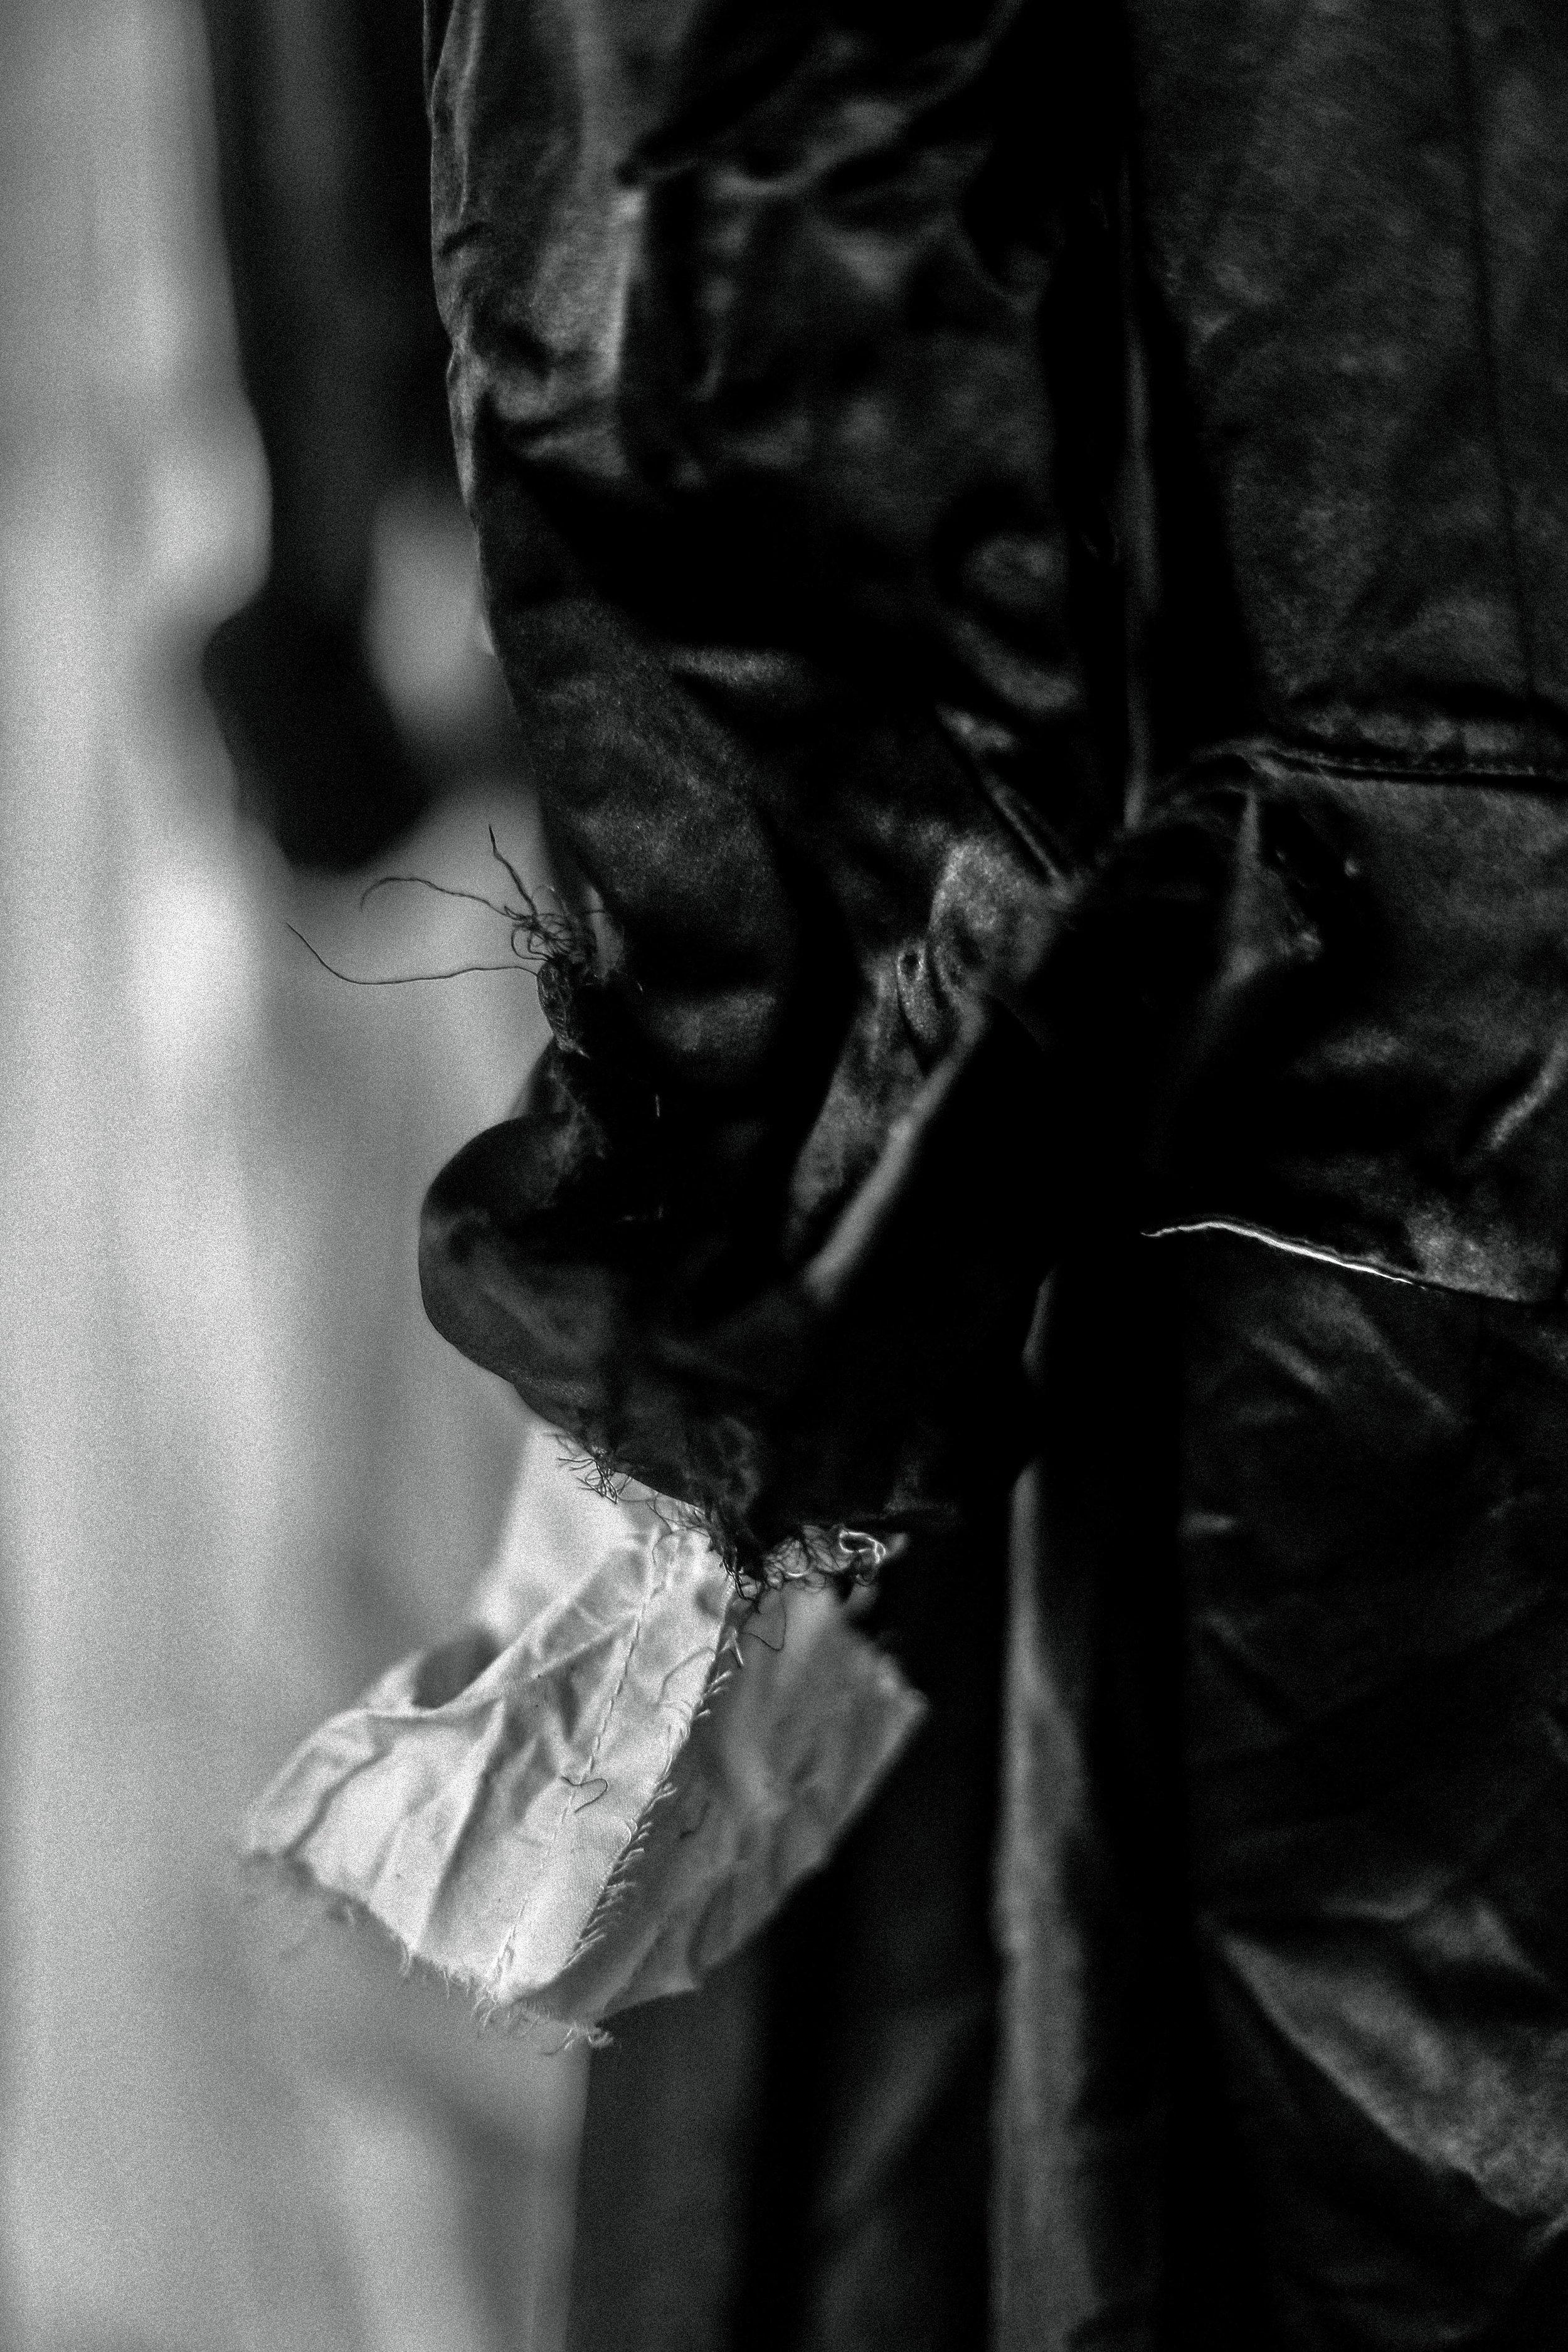 - Elena Dawson в каждой своей вещи рассказывает маленькую историю. Где-то между произведений Лорда Байрона и Тима Бертона, предметы одежды созданные Elena Dawson обладают уникальной ретро-готической энергией.